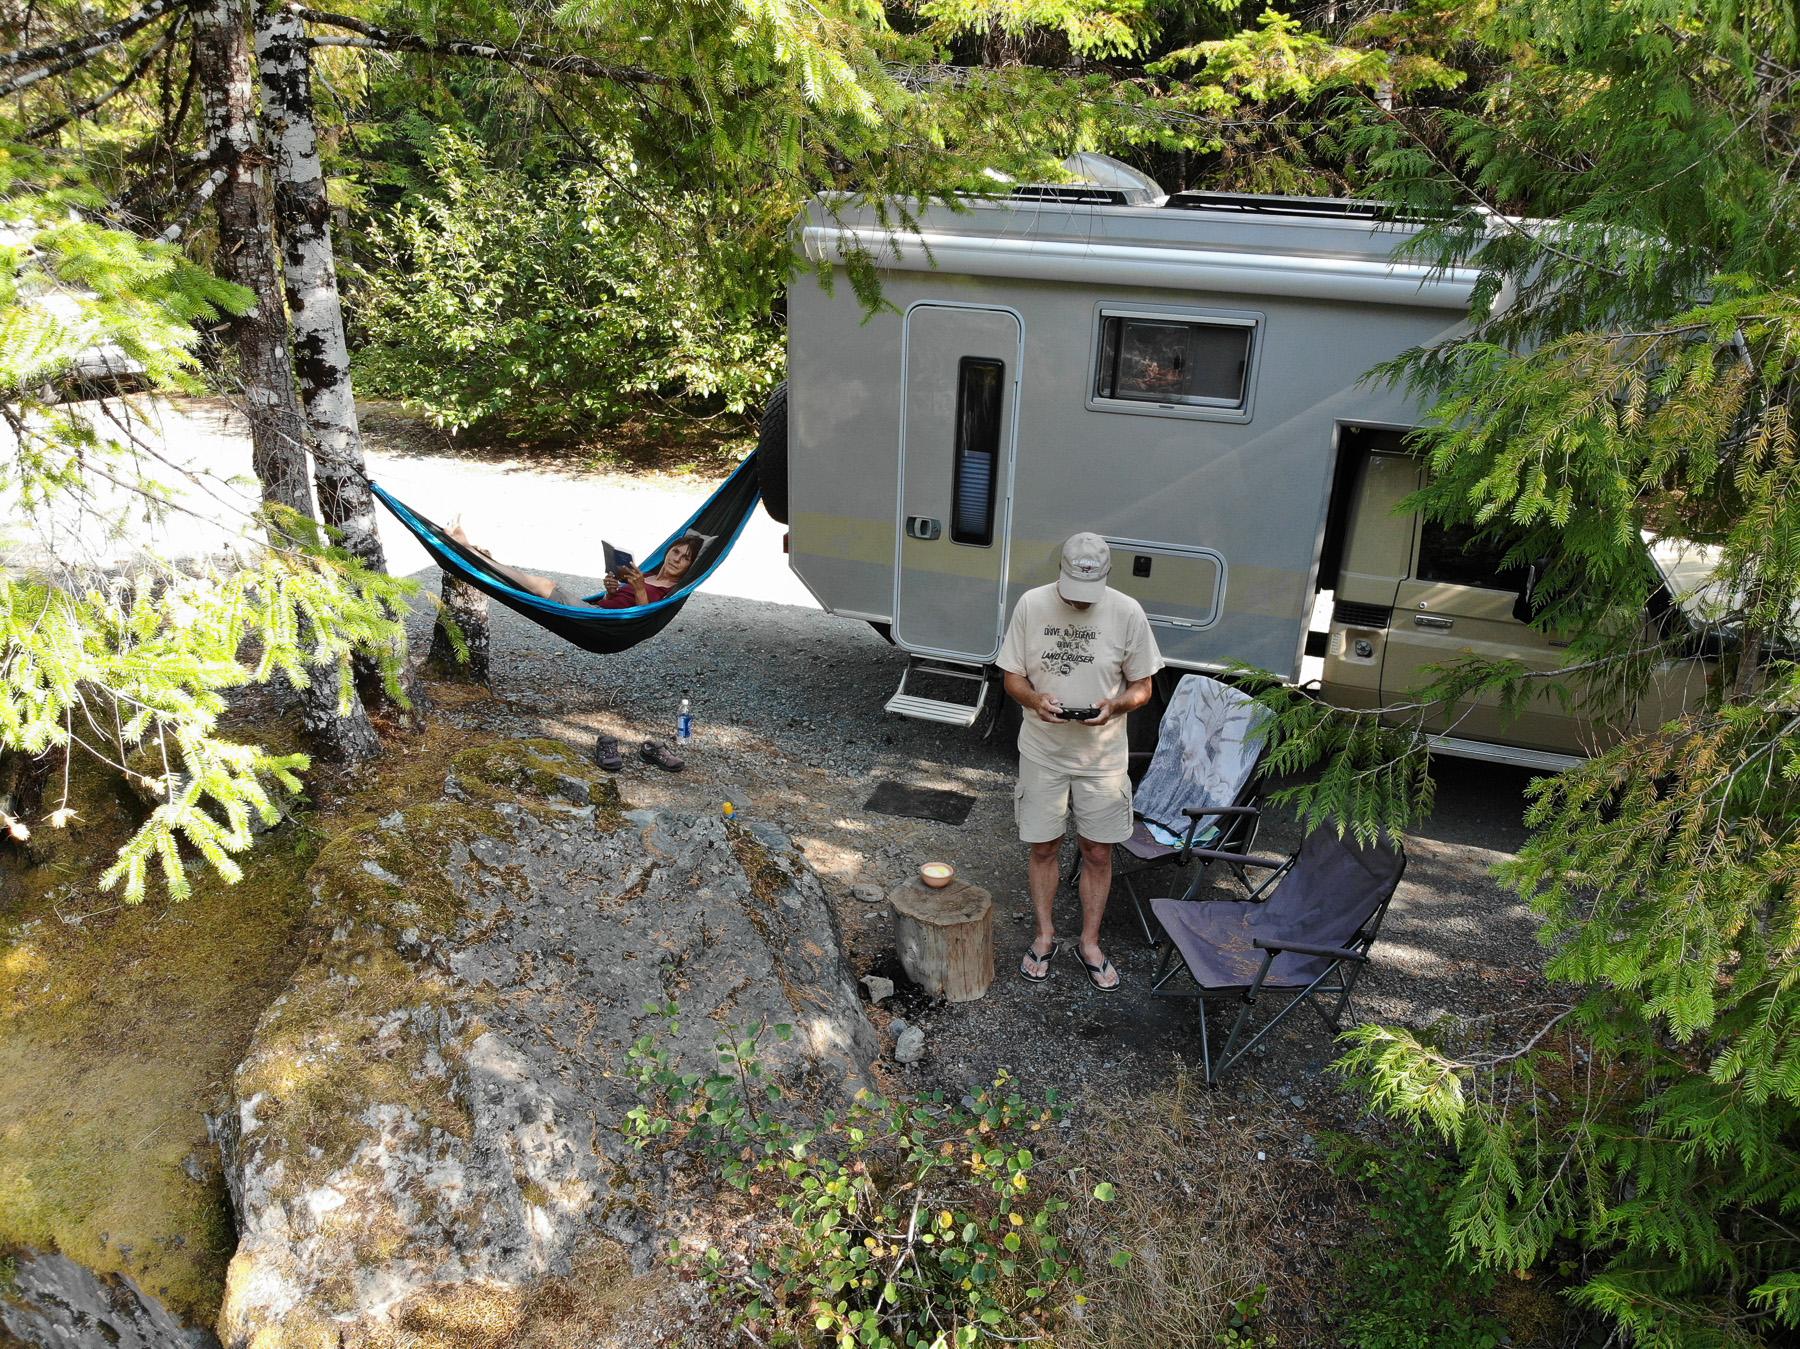 Bade- und Übernachtungsplatz für ein paar Tage in der Wildnis